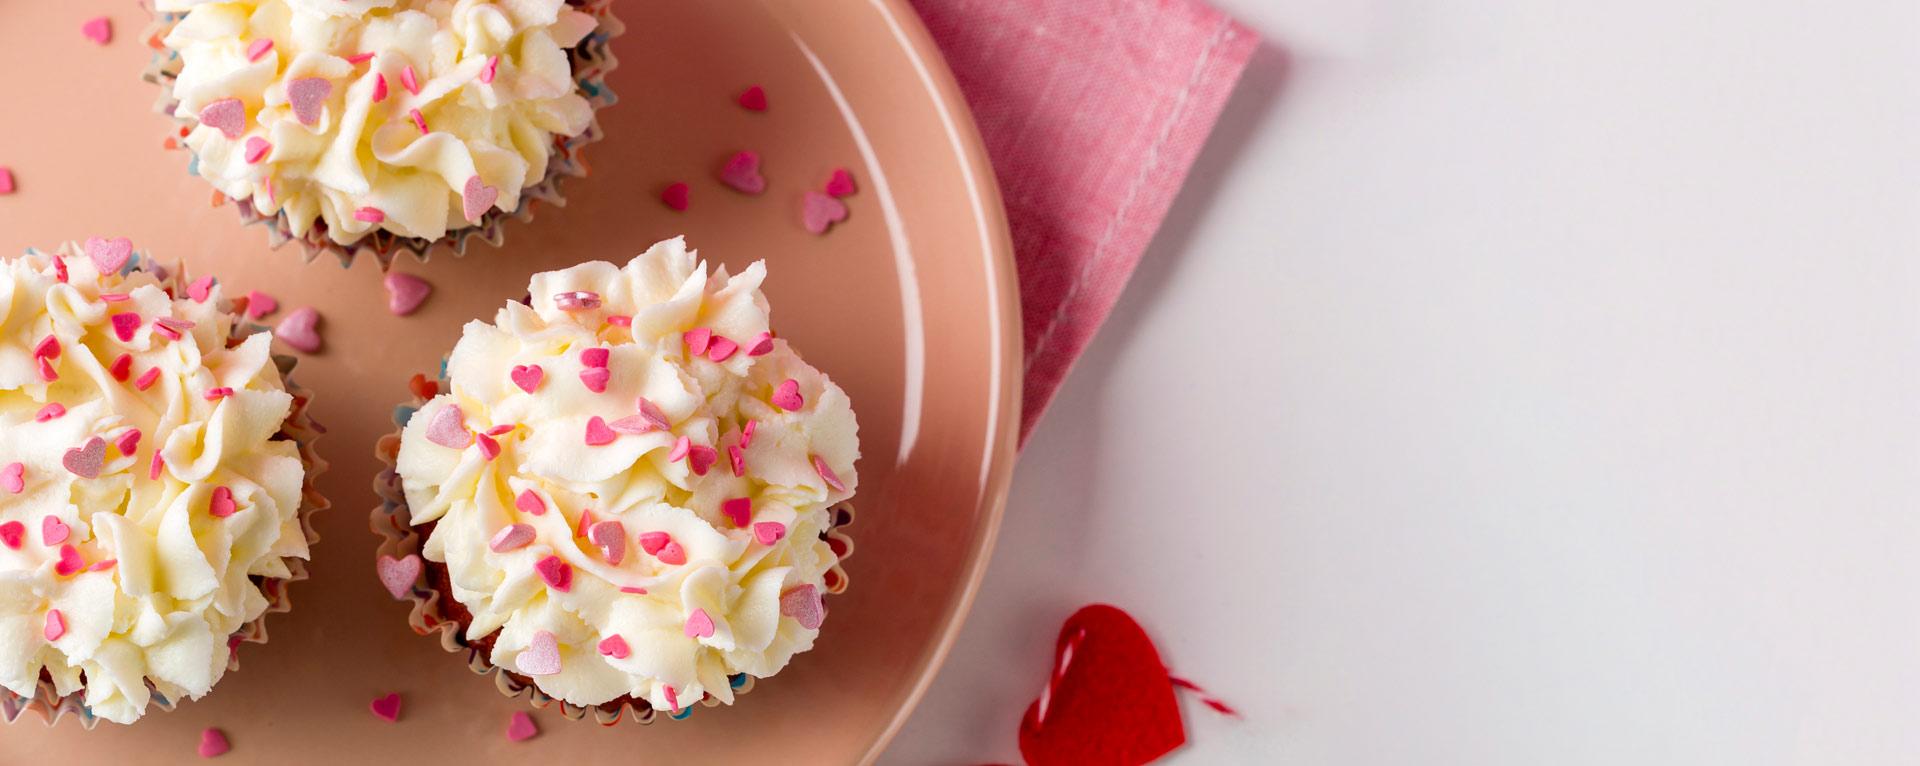 varios pasteles con ingredientes innovadores